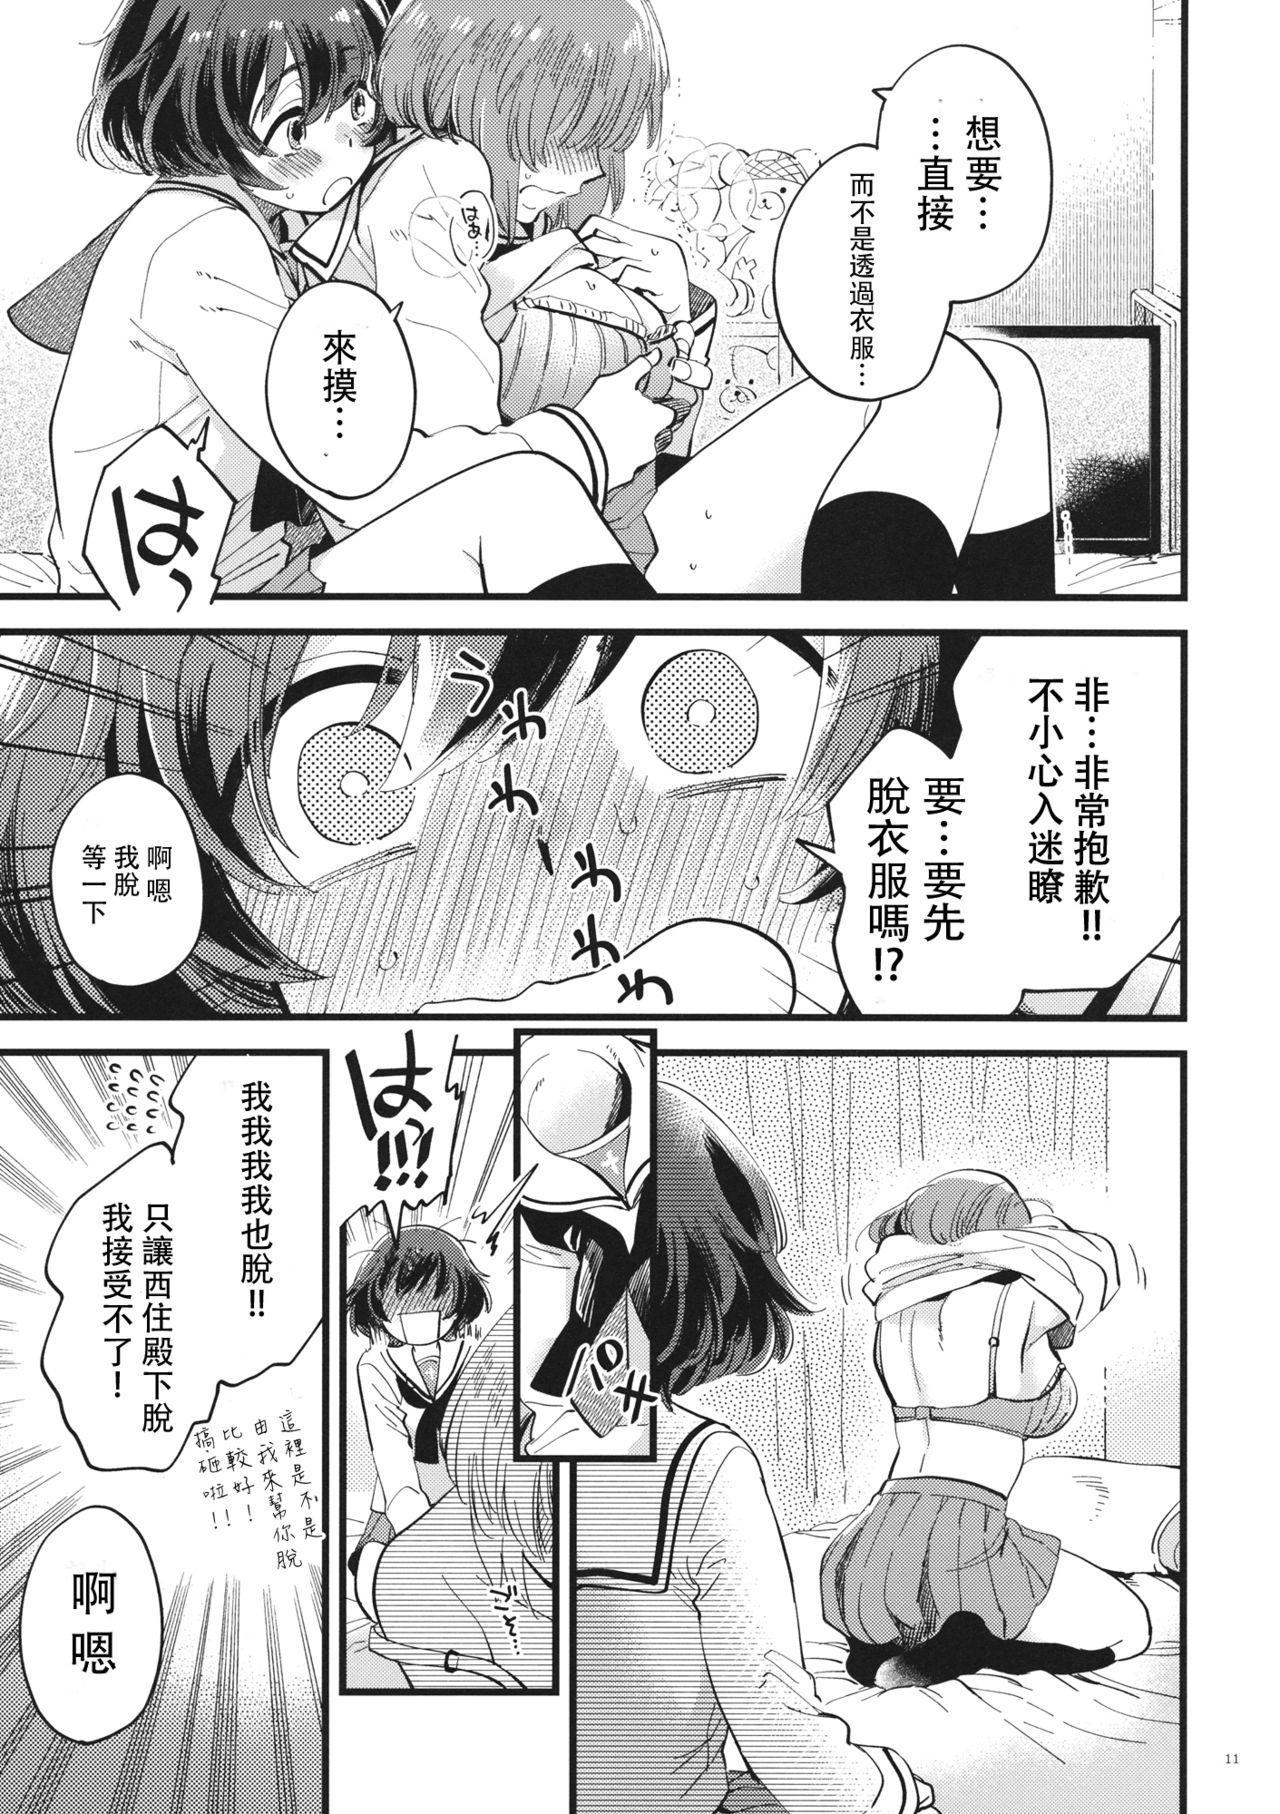 Yasashiku, Sawatte, Oku made Furete. 10